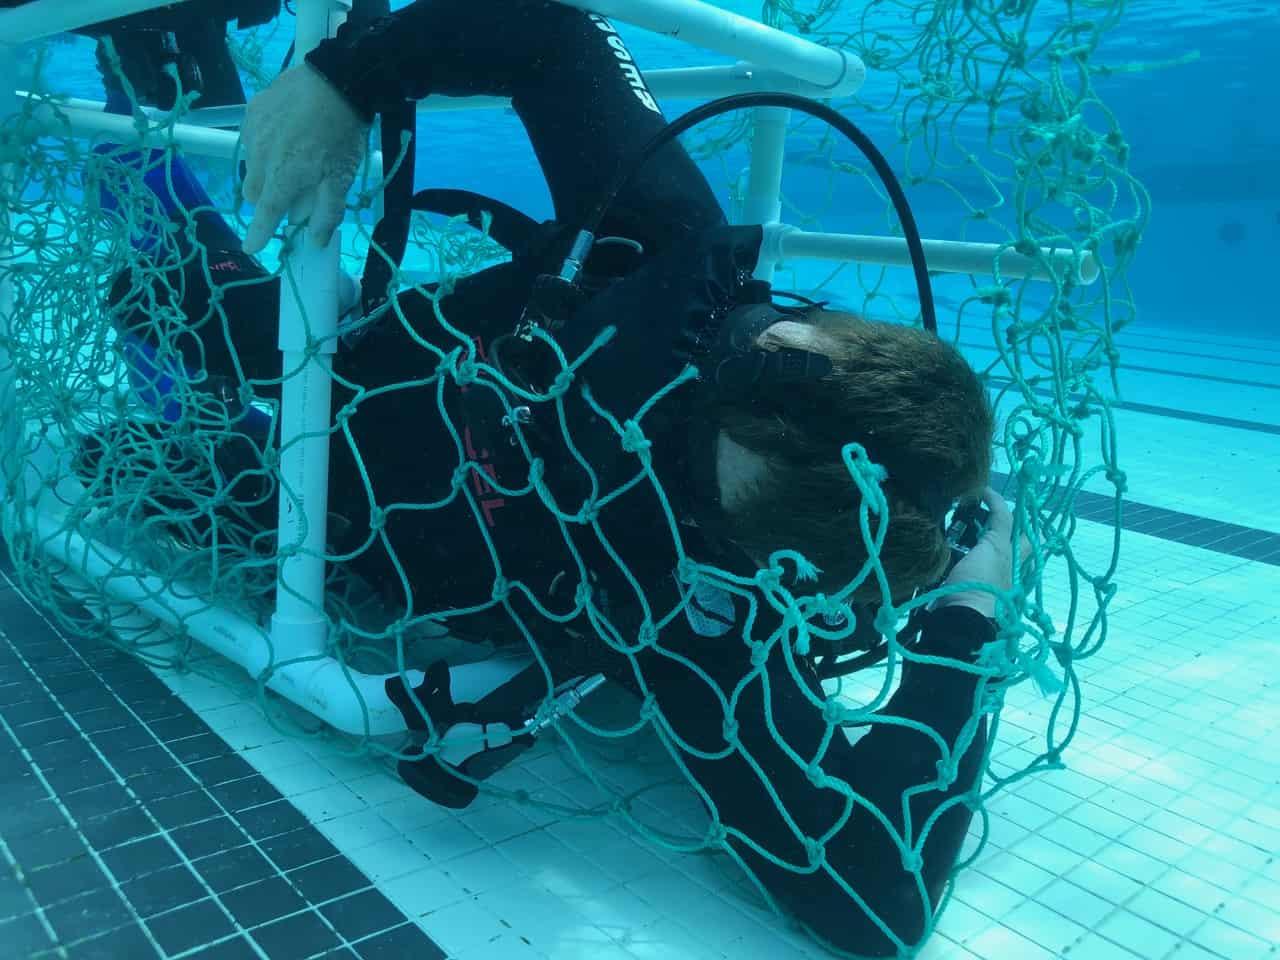 public safety diver survival, Public Safety Diver Survival